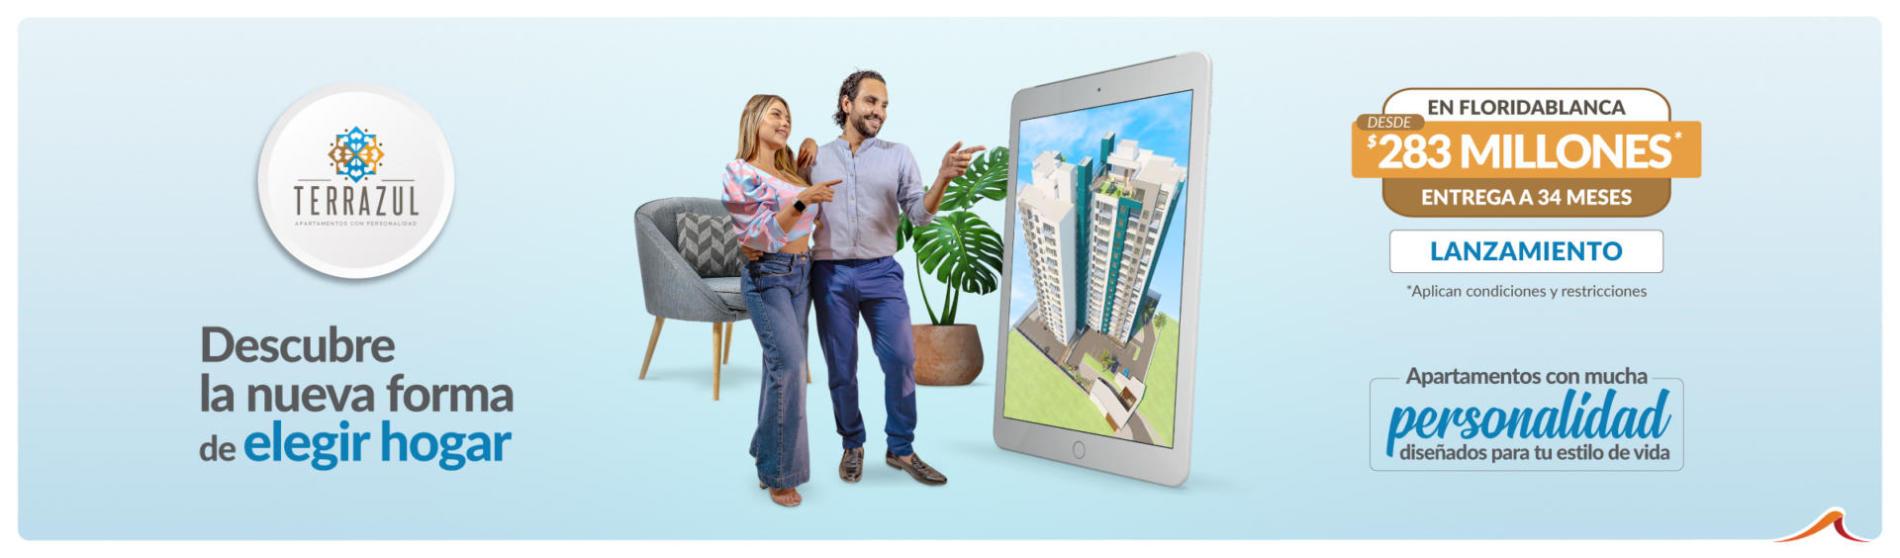 Apartamentos sobre planos en Floridablanca